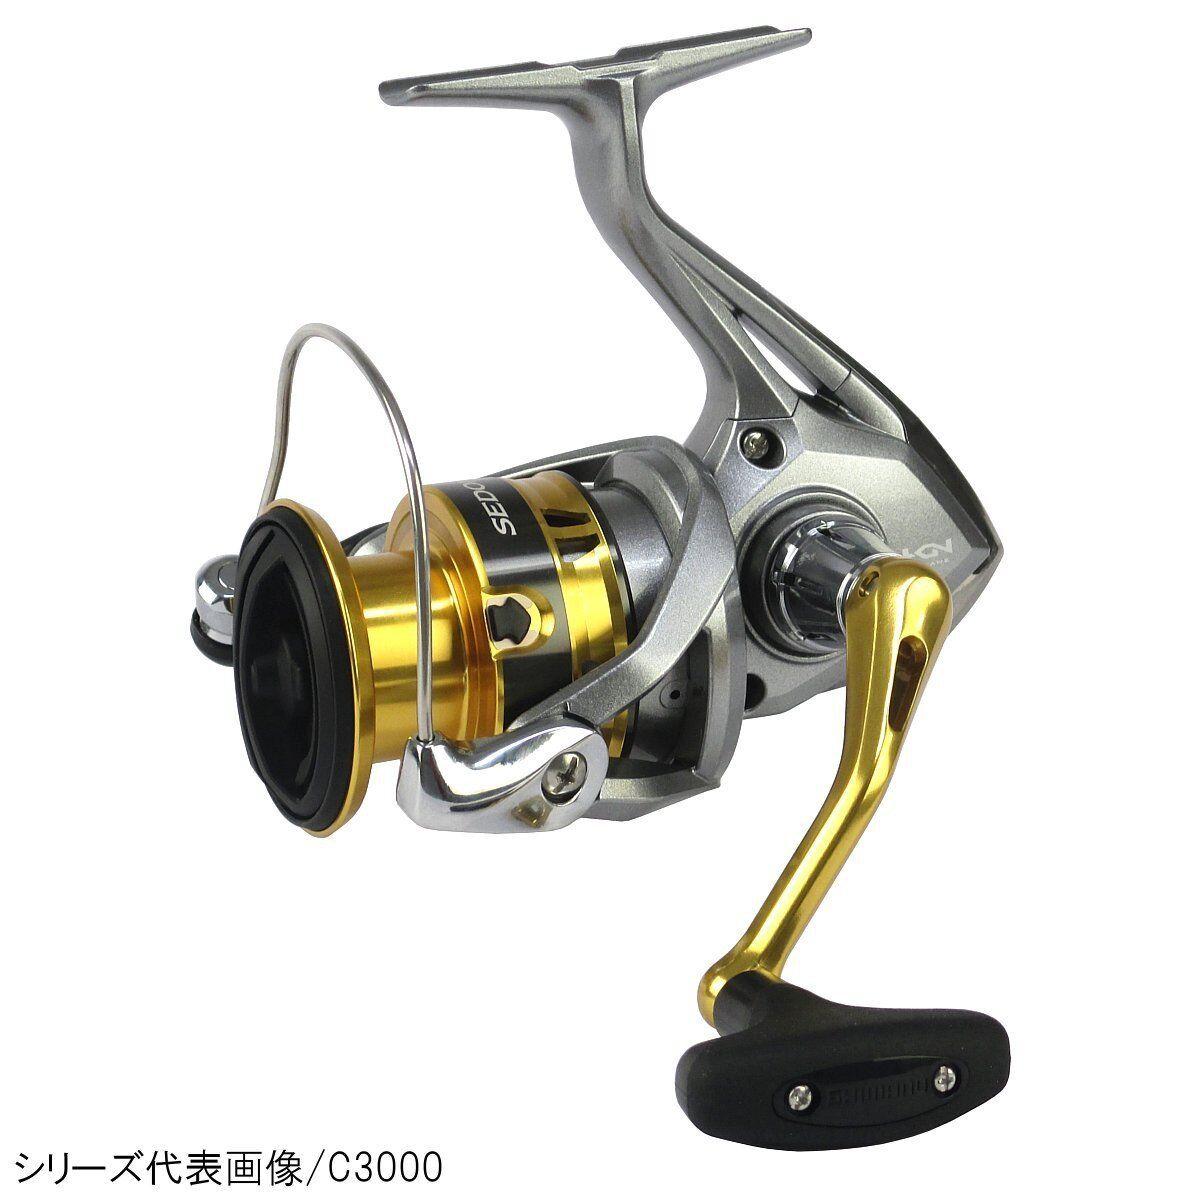 Shimano 17 Sedona 4000XG Spinning Reel